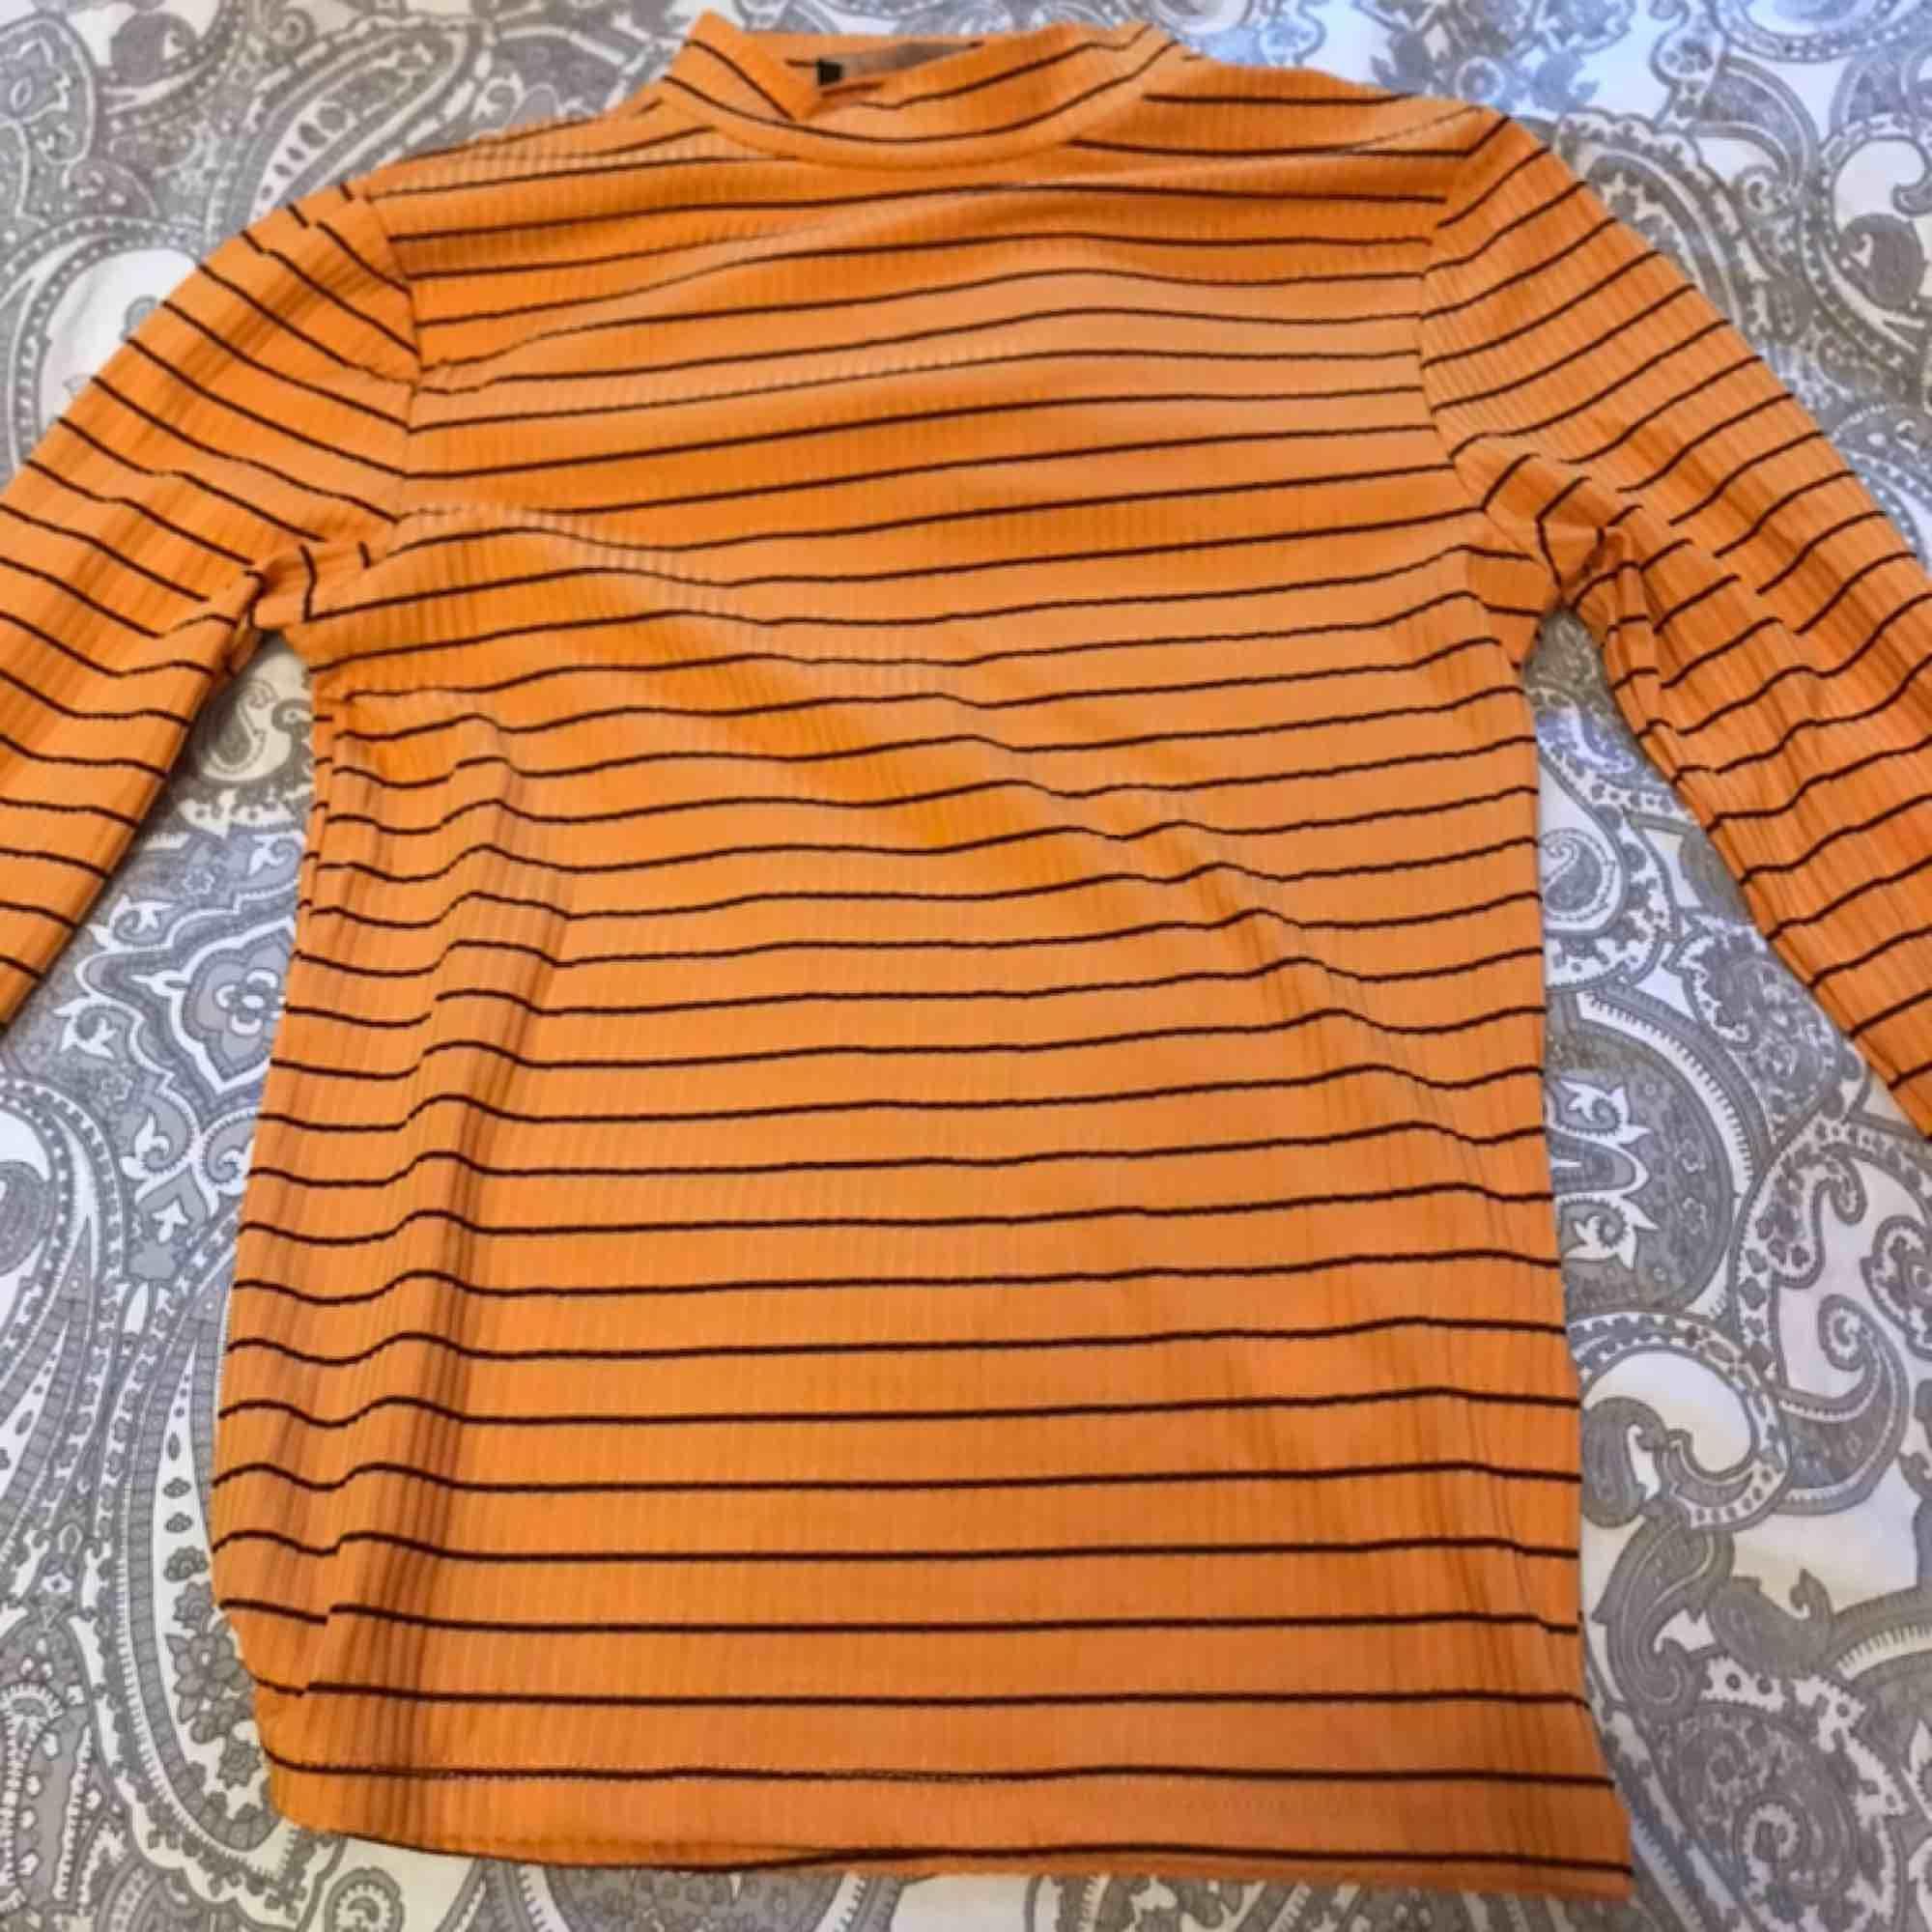 Tröjan är från newyorker. Andvänd Max 2 gånger. Köpte den för 180. Andvänder inte den längre därför jag säljer den🥰(fläcken på första bilden e på spegeln inte på tröjan). Tröjor & Koftor.